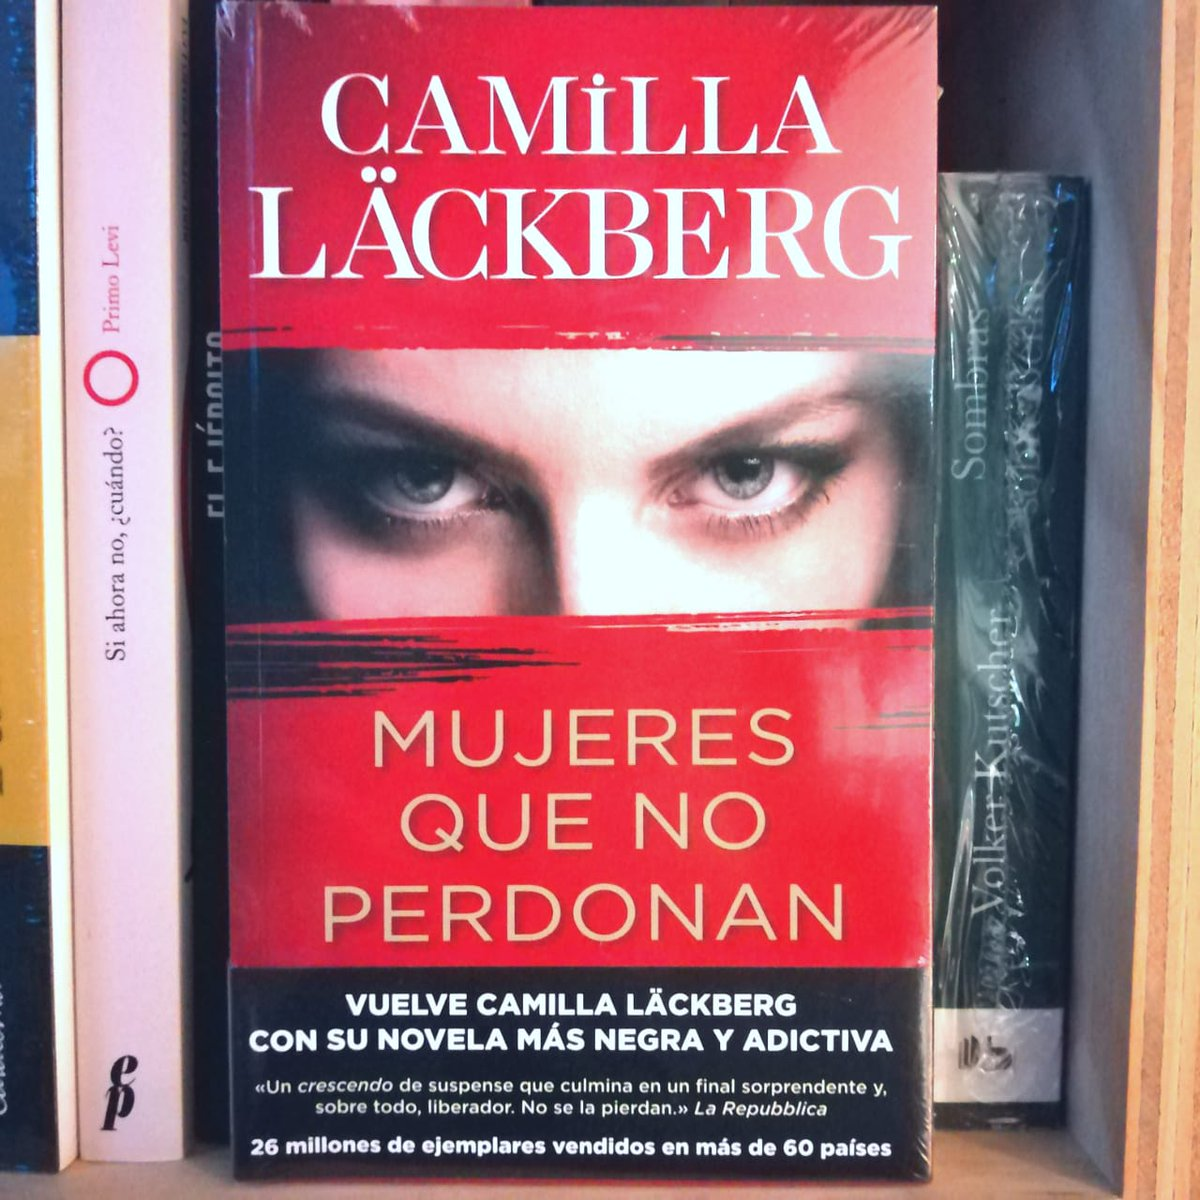 Sufren en secreto vivir sometidas a sus maridos. Un día, y sin conocerse, planean el crimen perfecto. De #CamillaLäckberg  #RegalaLibros #ApoyatuLibrería #NovelaNegra #Policial ¡Enviamos a todo Chile!  #KeepReadingenCasa Wsp +569 3227 1225 Catálogohttps://queleochile.cl/frutillar/pic.twitter.com/z2Ppgh0NoX